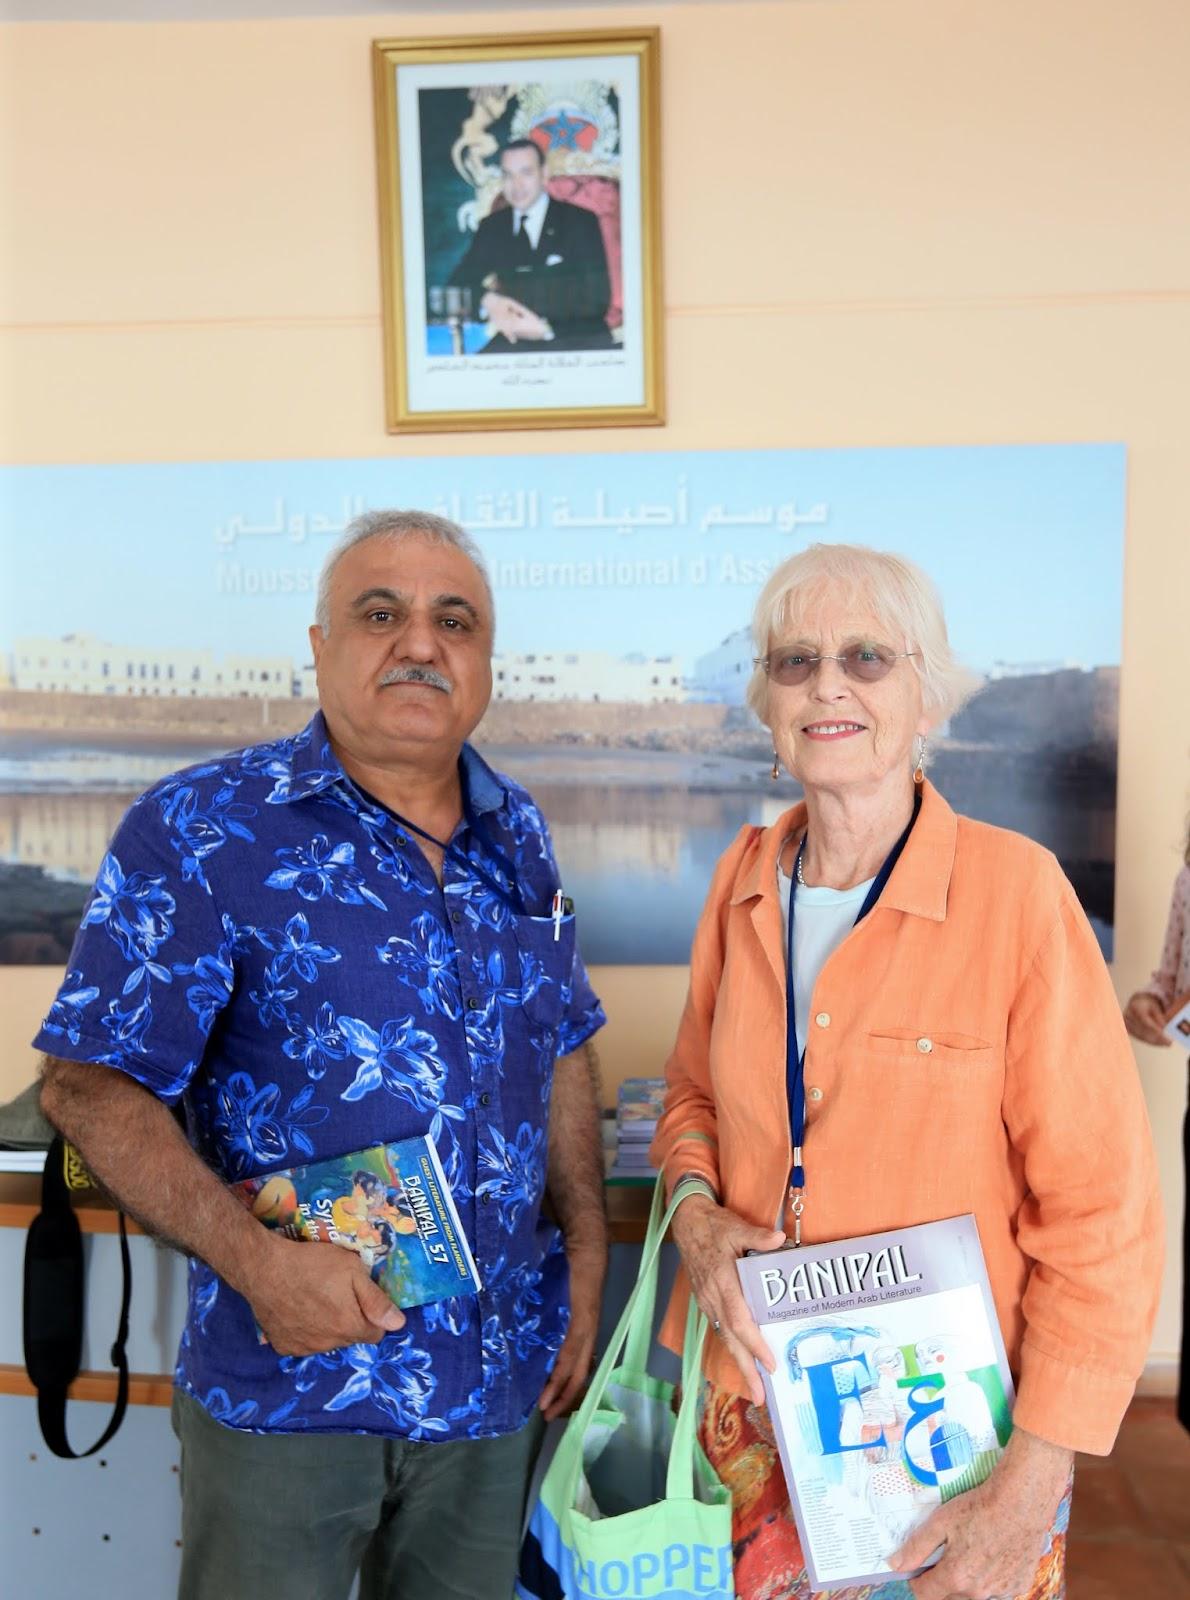 2017-7-20 الأحتفاء بالذكرى العشرين لصدور مجلة الأدب العربي (بانيبال)